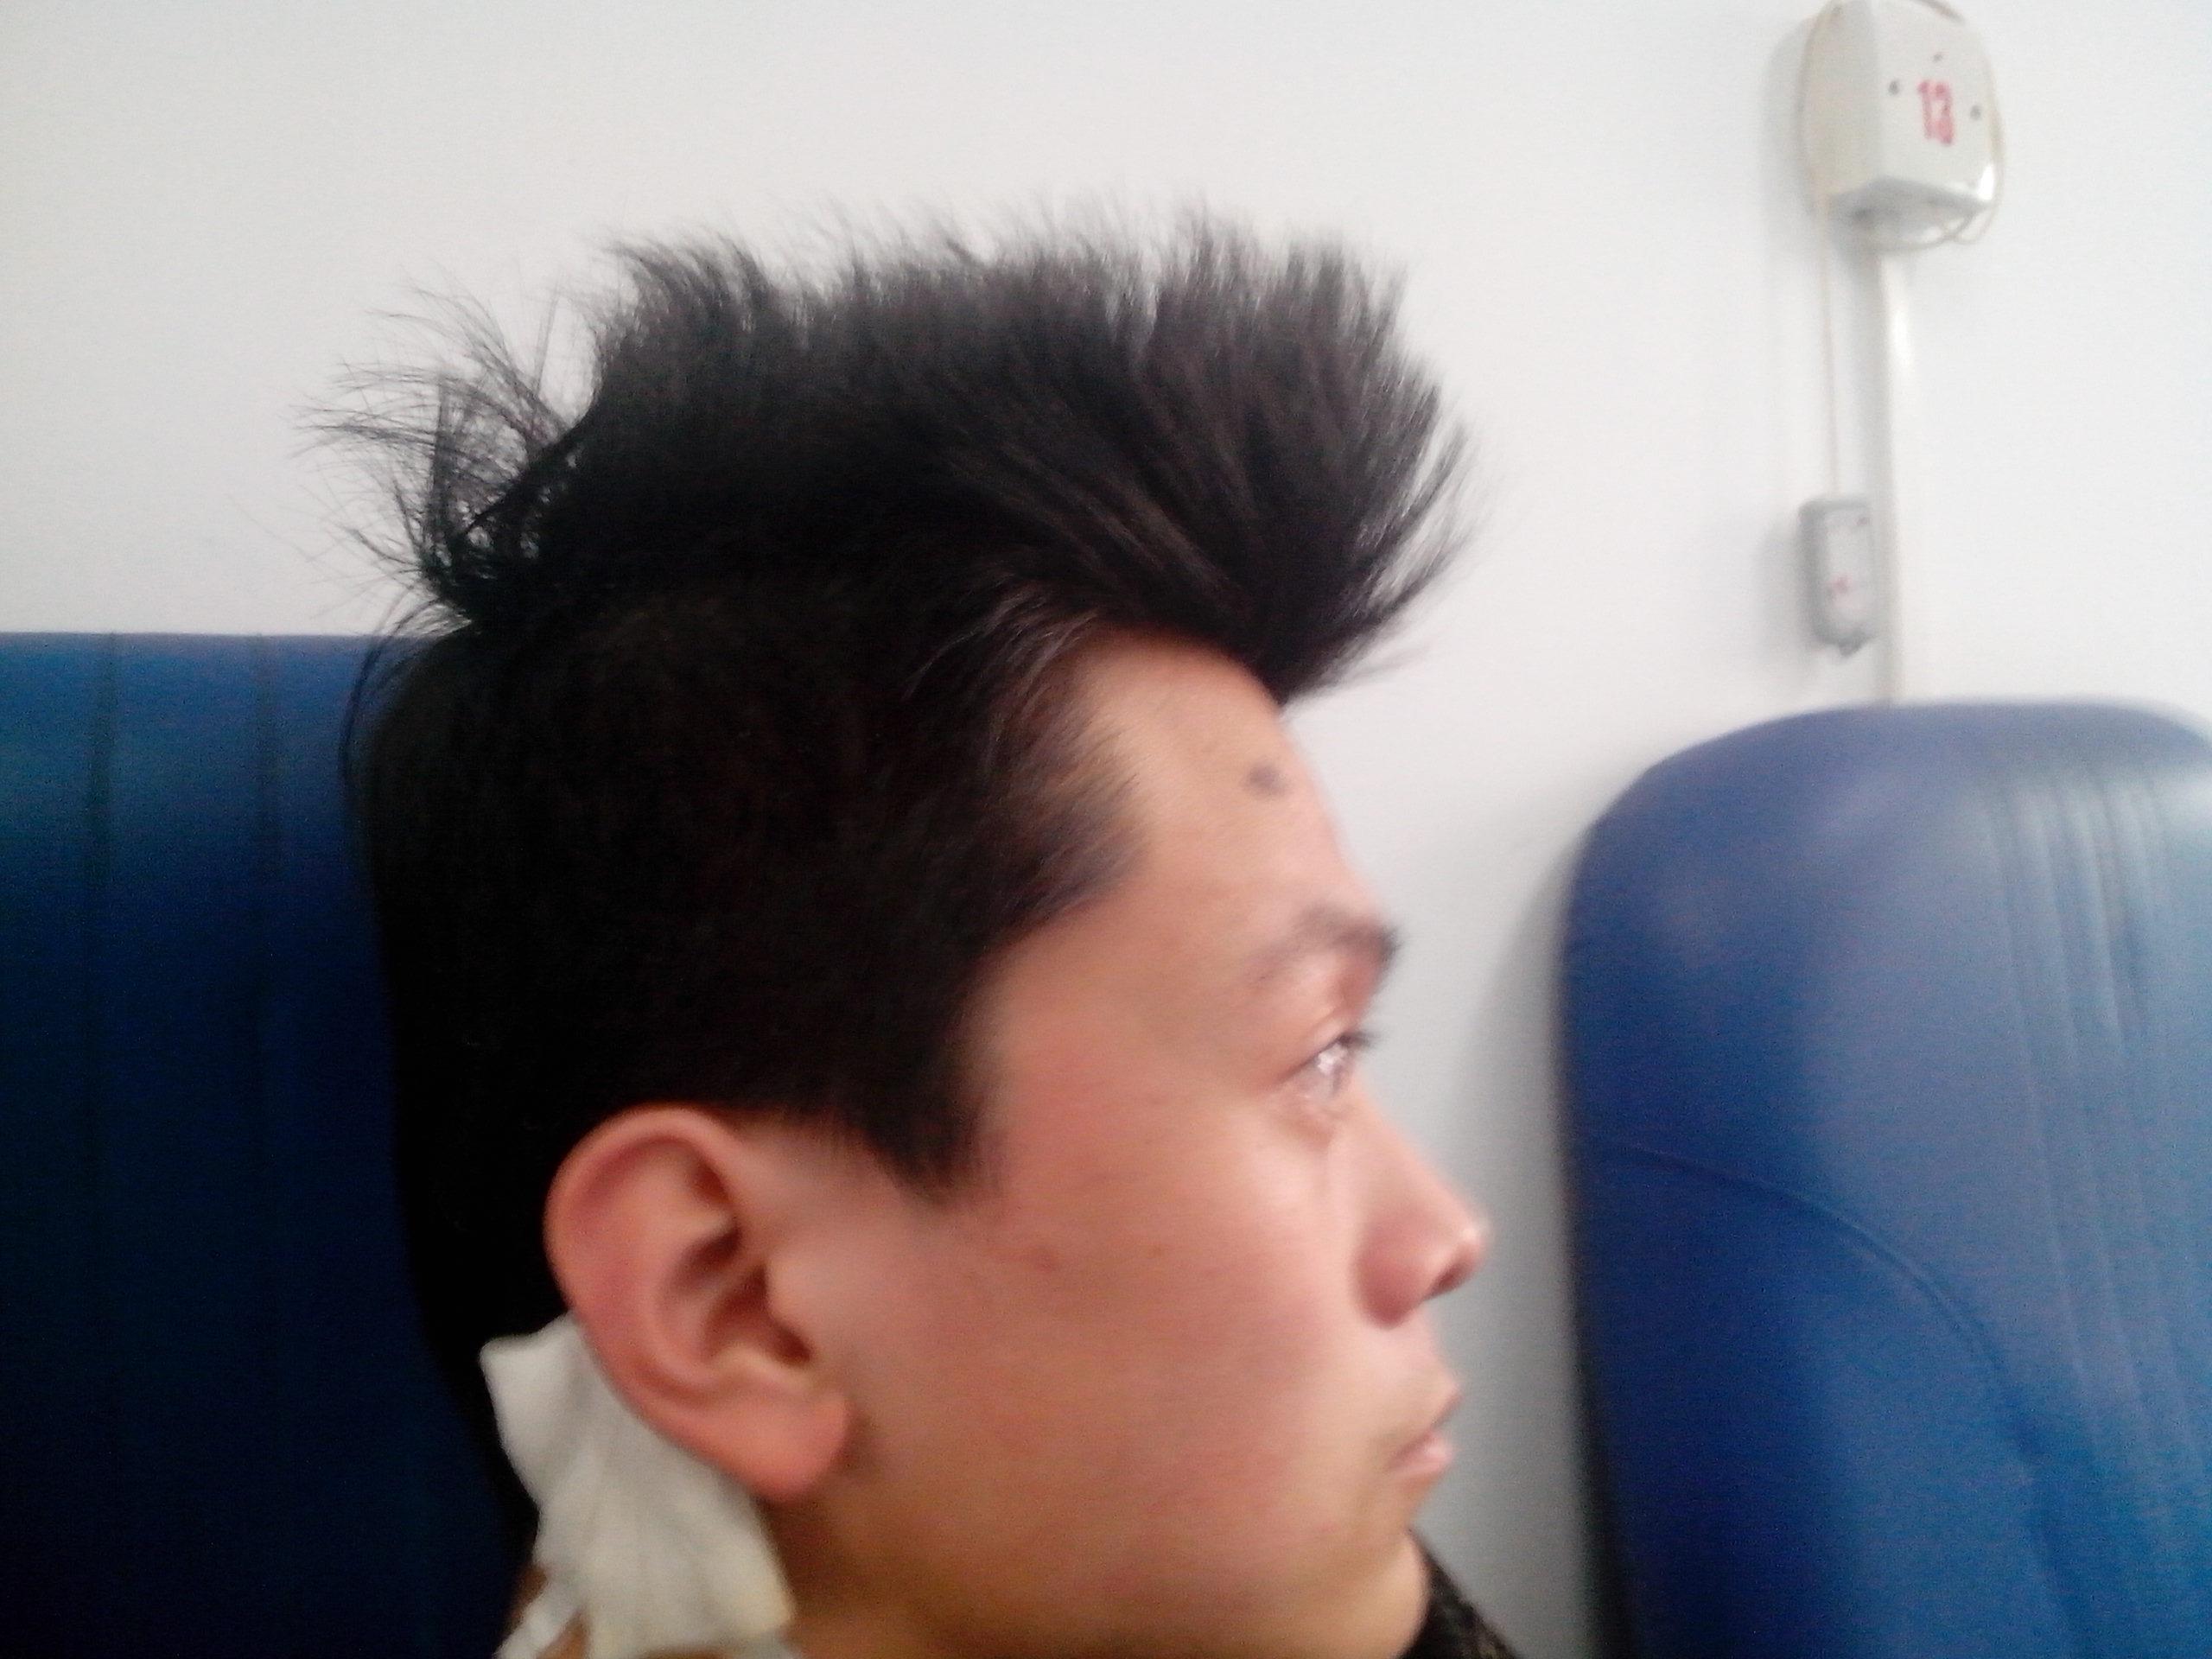 帮我看看 我是什么脸型 适合什么发型 顺便发张发型 谢谢的图片图片